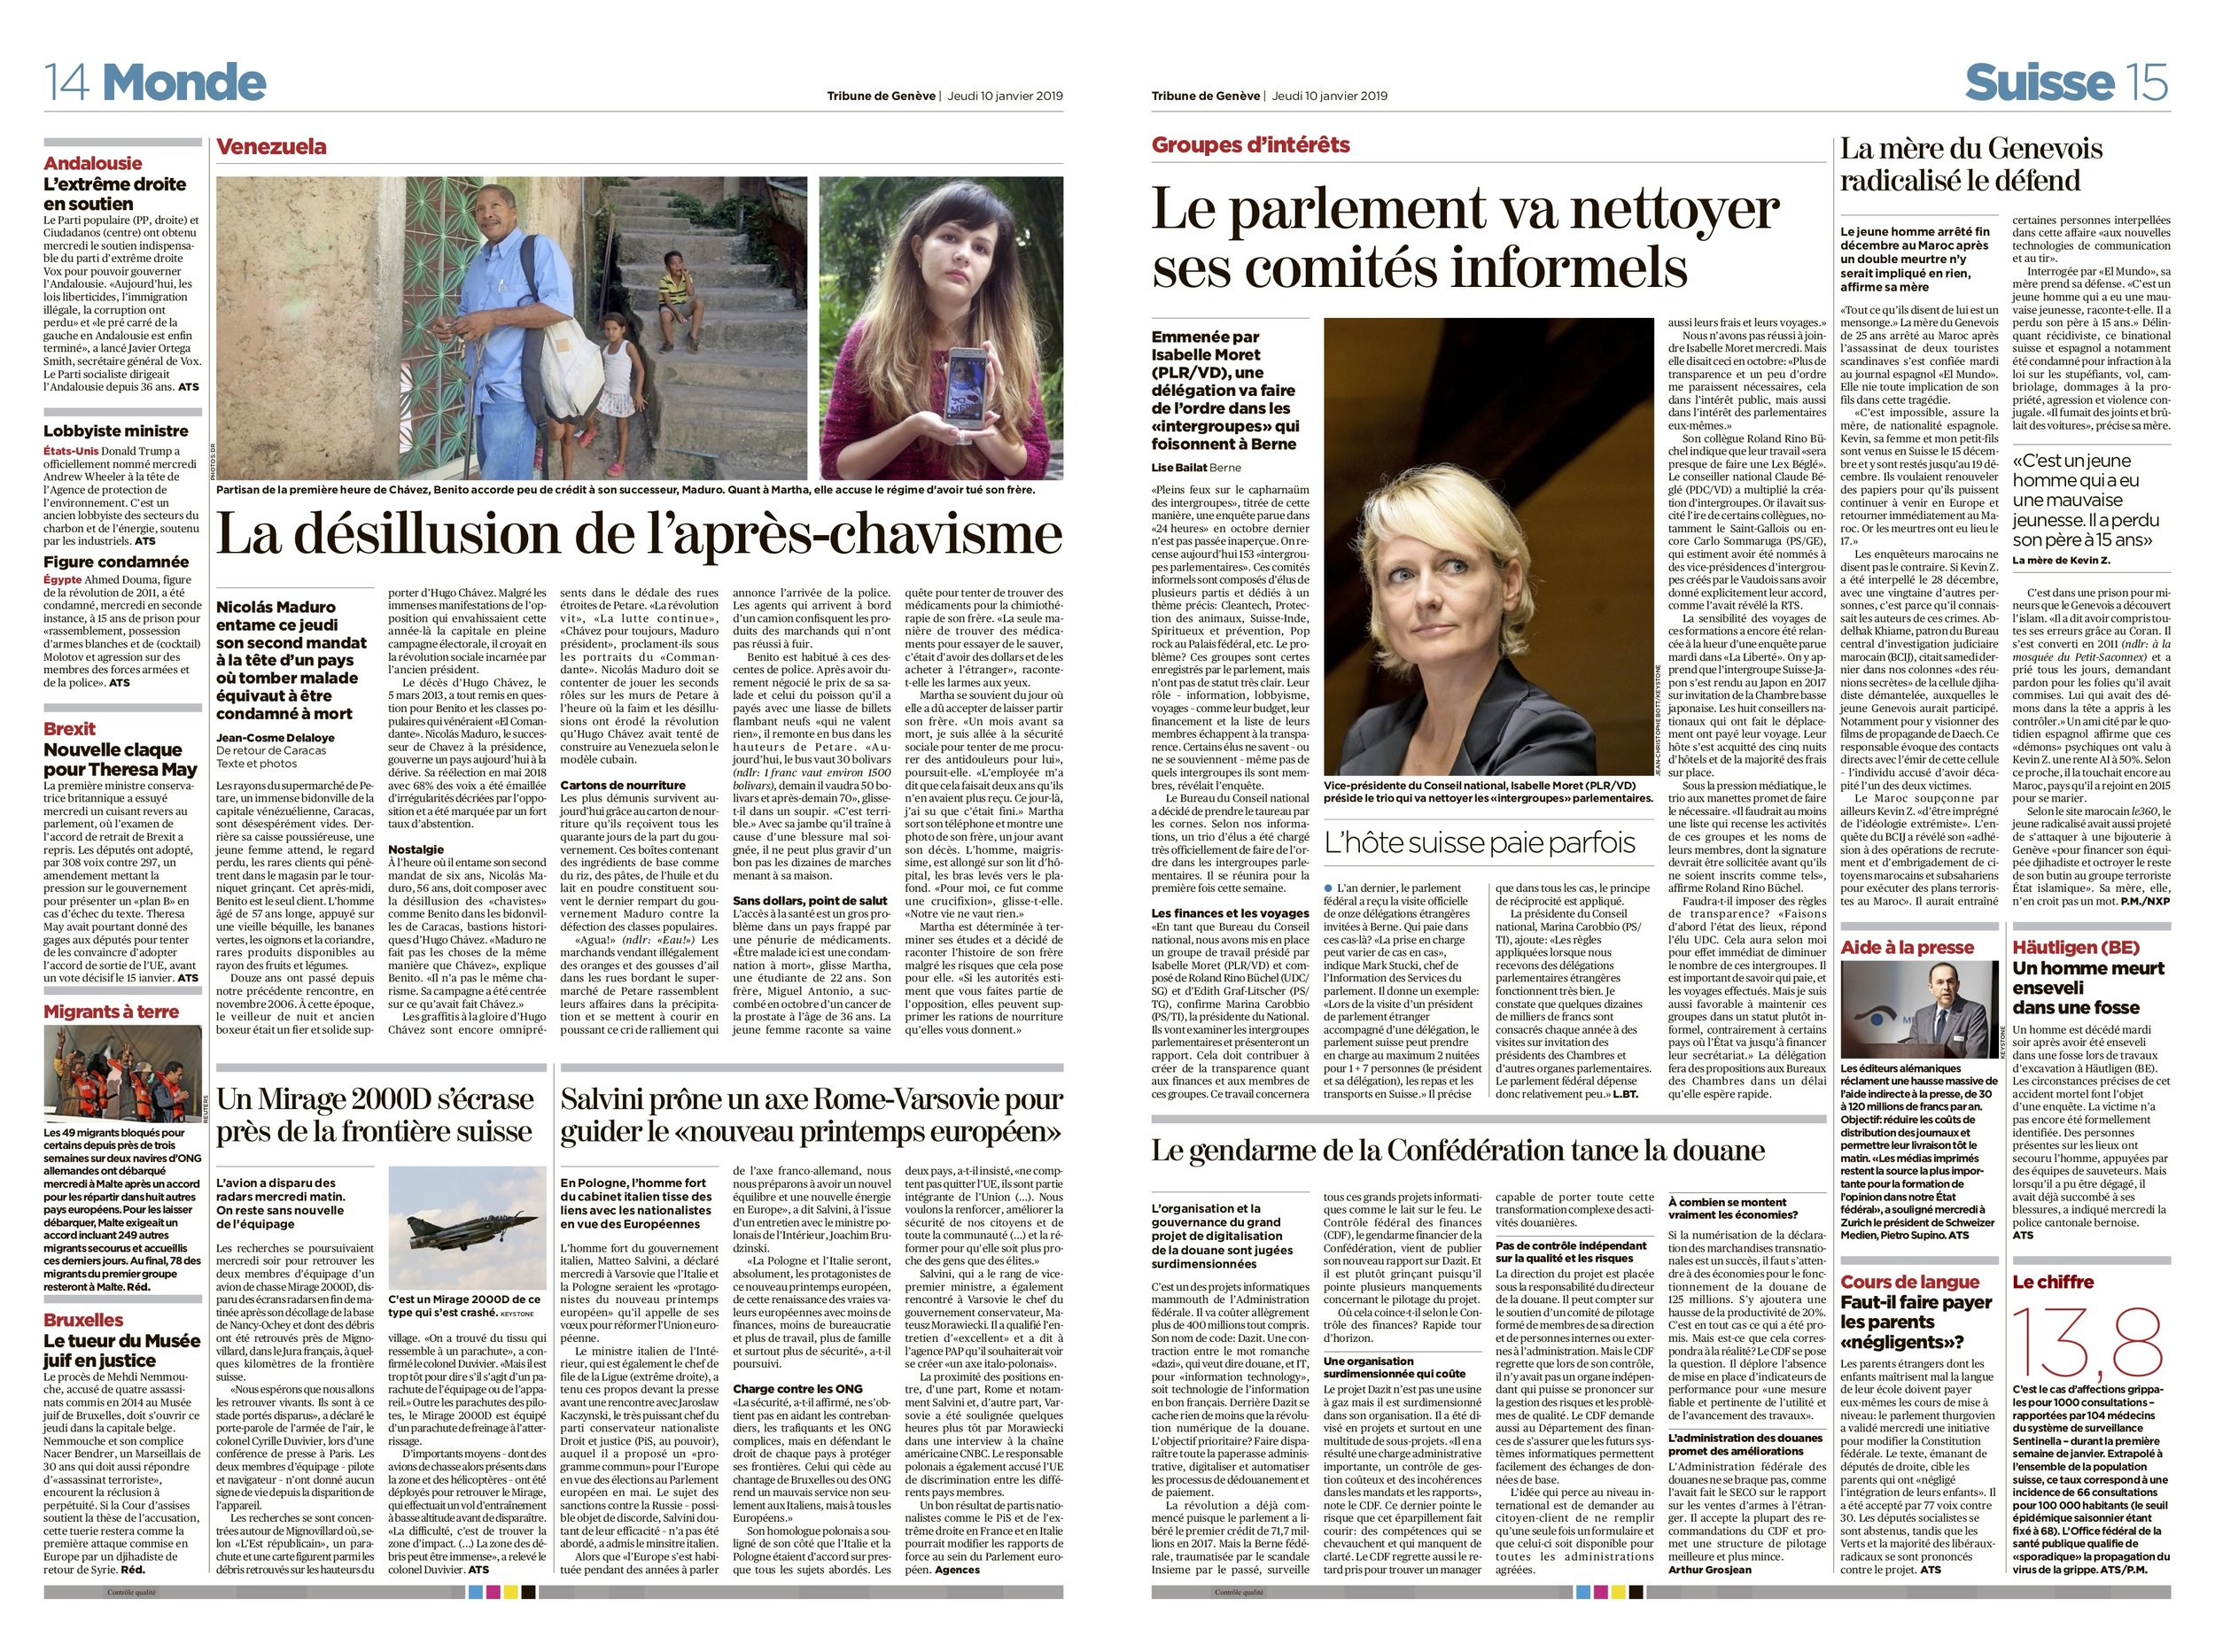 pages_14_15_Tribune_de_Genève__2019-01-10.jpg